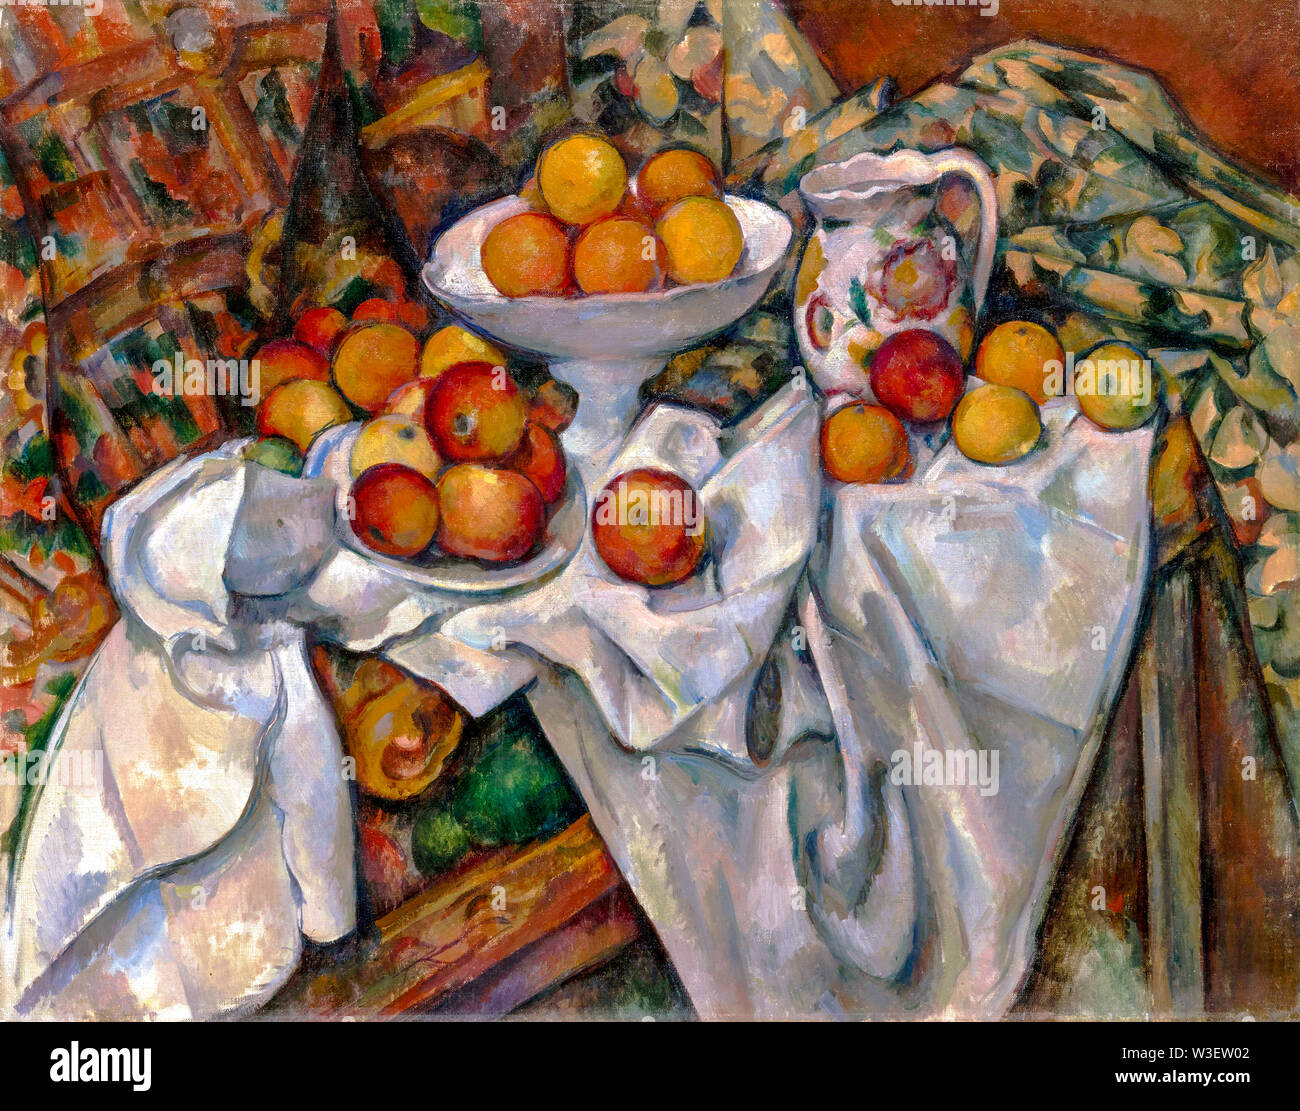 Paul Cézanne, Pommes et Oranges, still life Painting, 1895-1900 Photo Stock